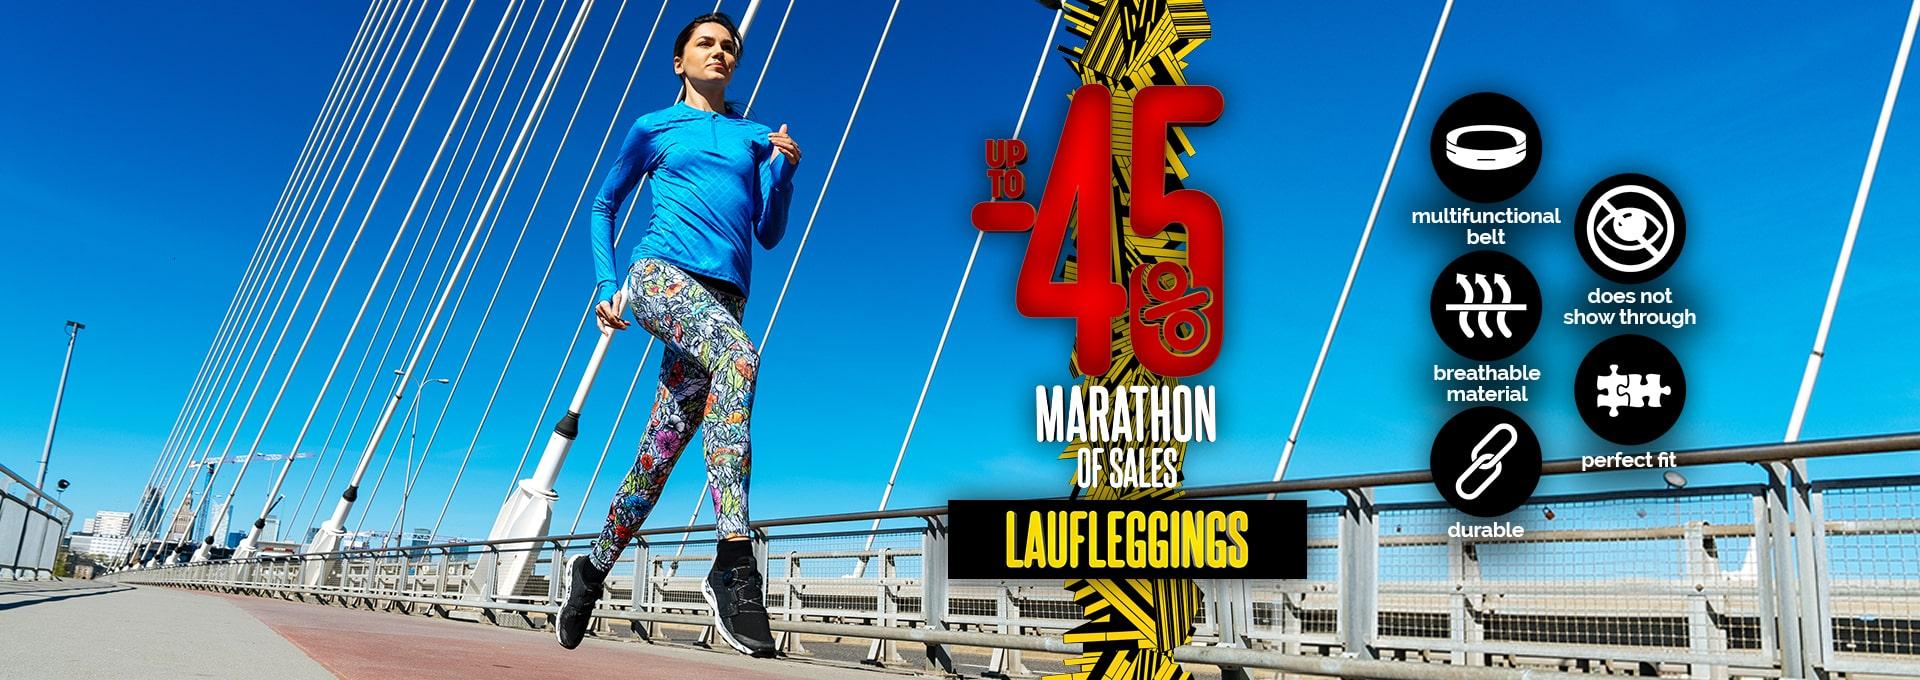 Maraton Legginsy en